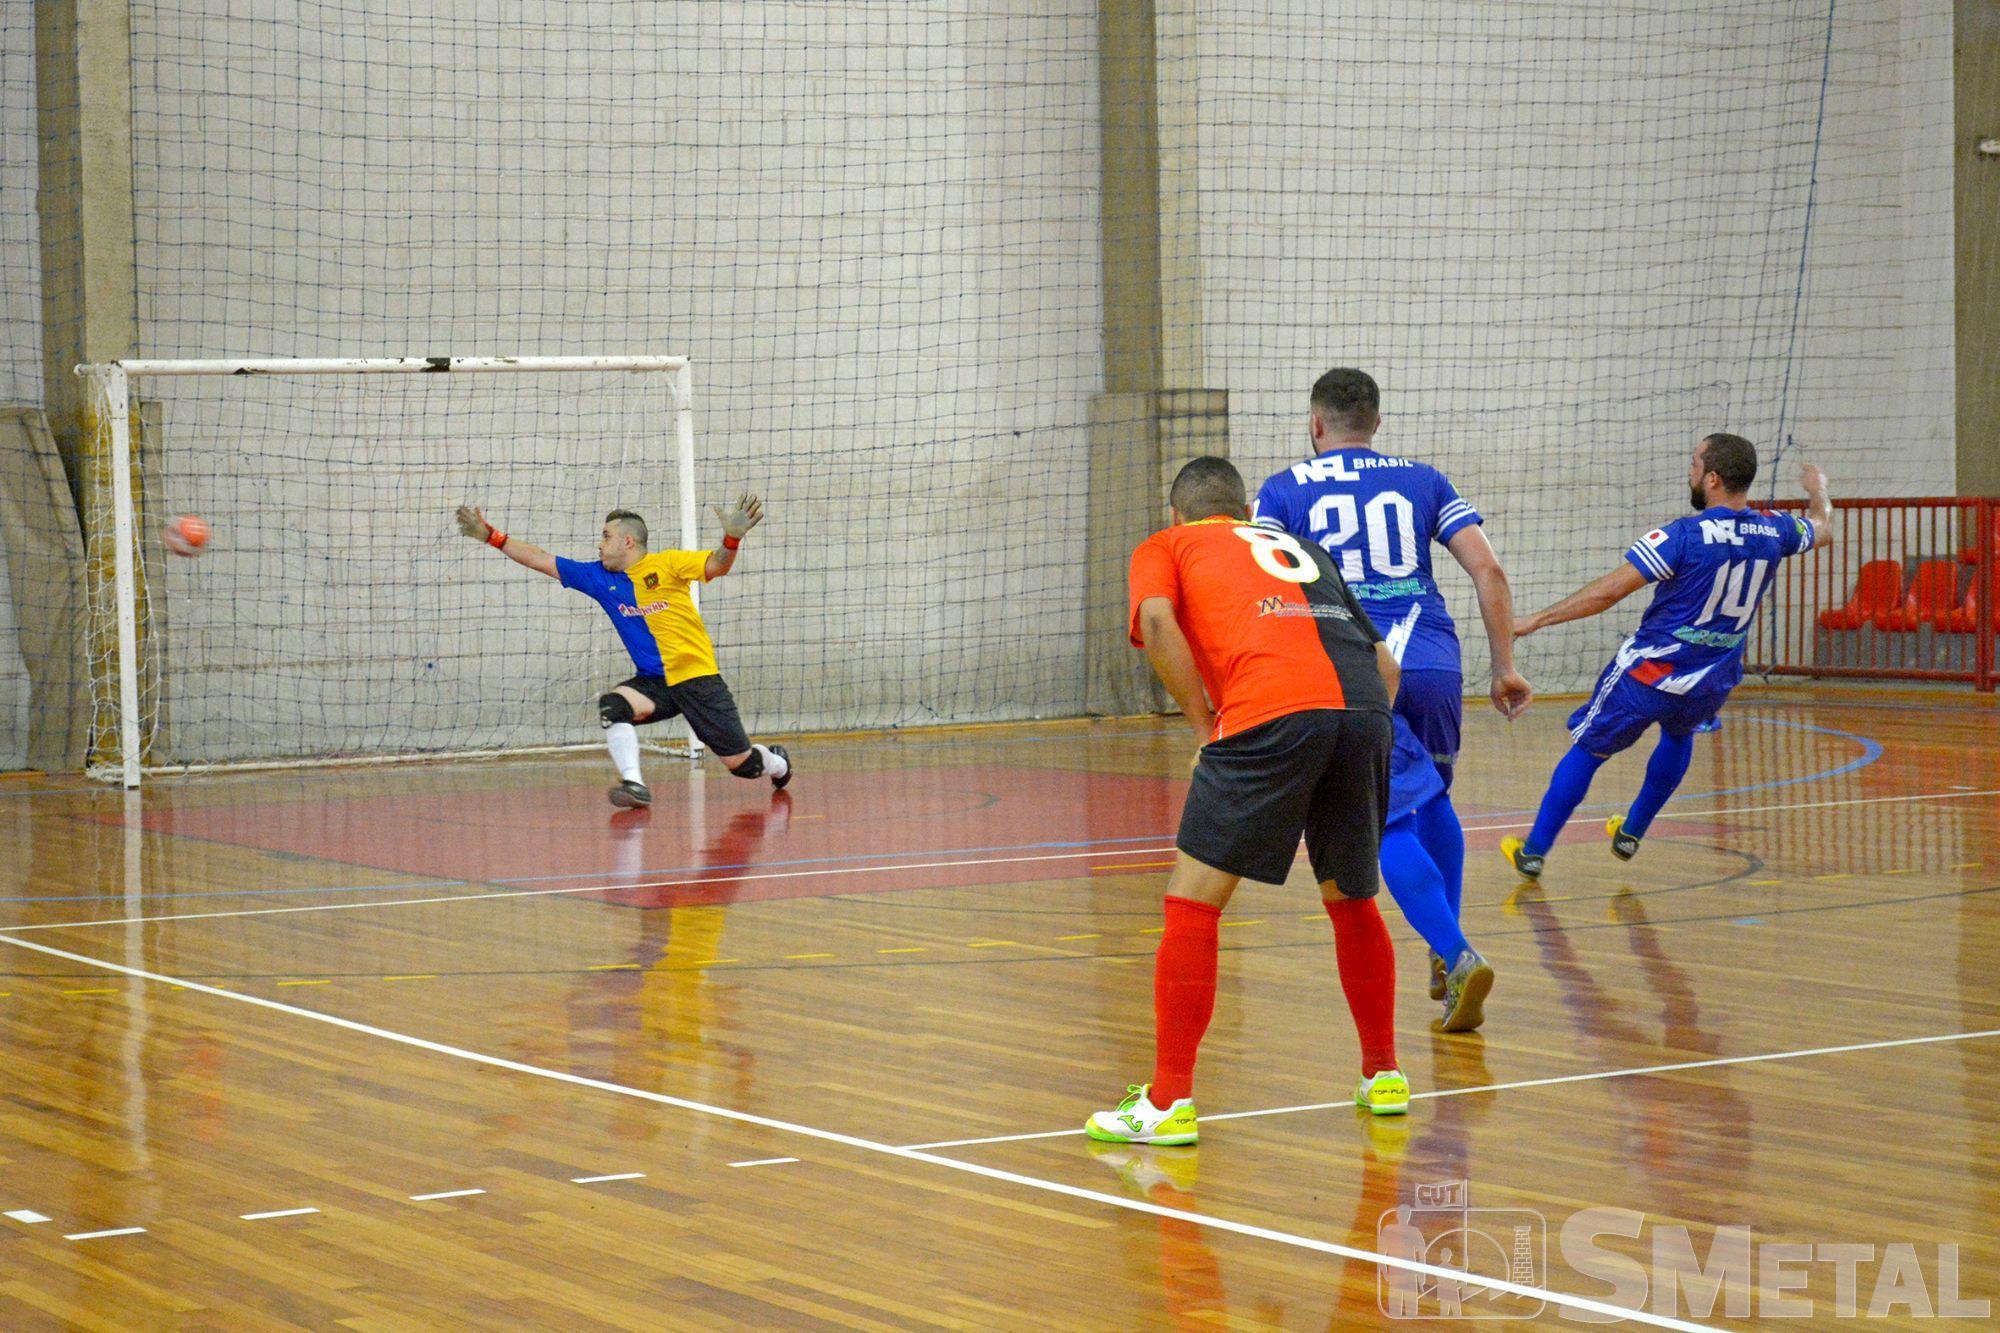 Sexta rodada de jogos da Taça Papagaio de Futsal do SMetal, taça,  papagaio,  futsal,  clube,  smetal,  torneio,  jogo, Foguinho/Imprensa SMetal, Taça Papagaio não terá jogos no domingo; próxima rodada será dia 24